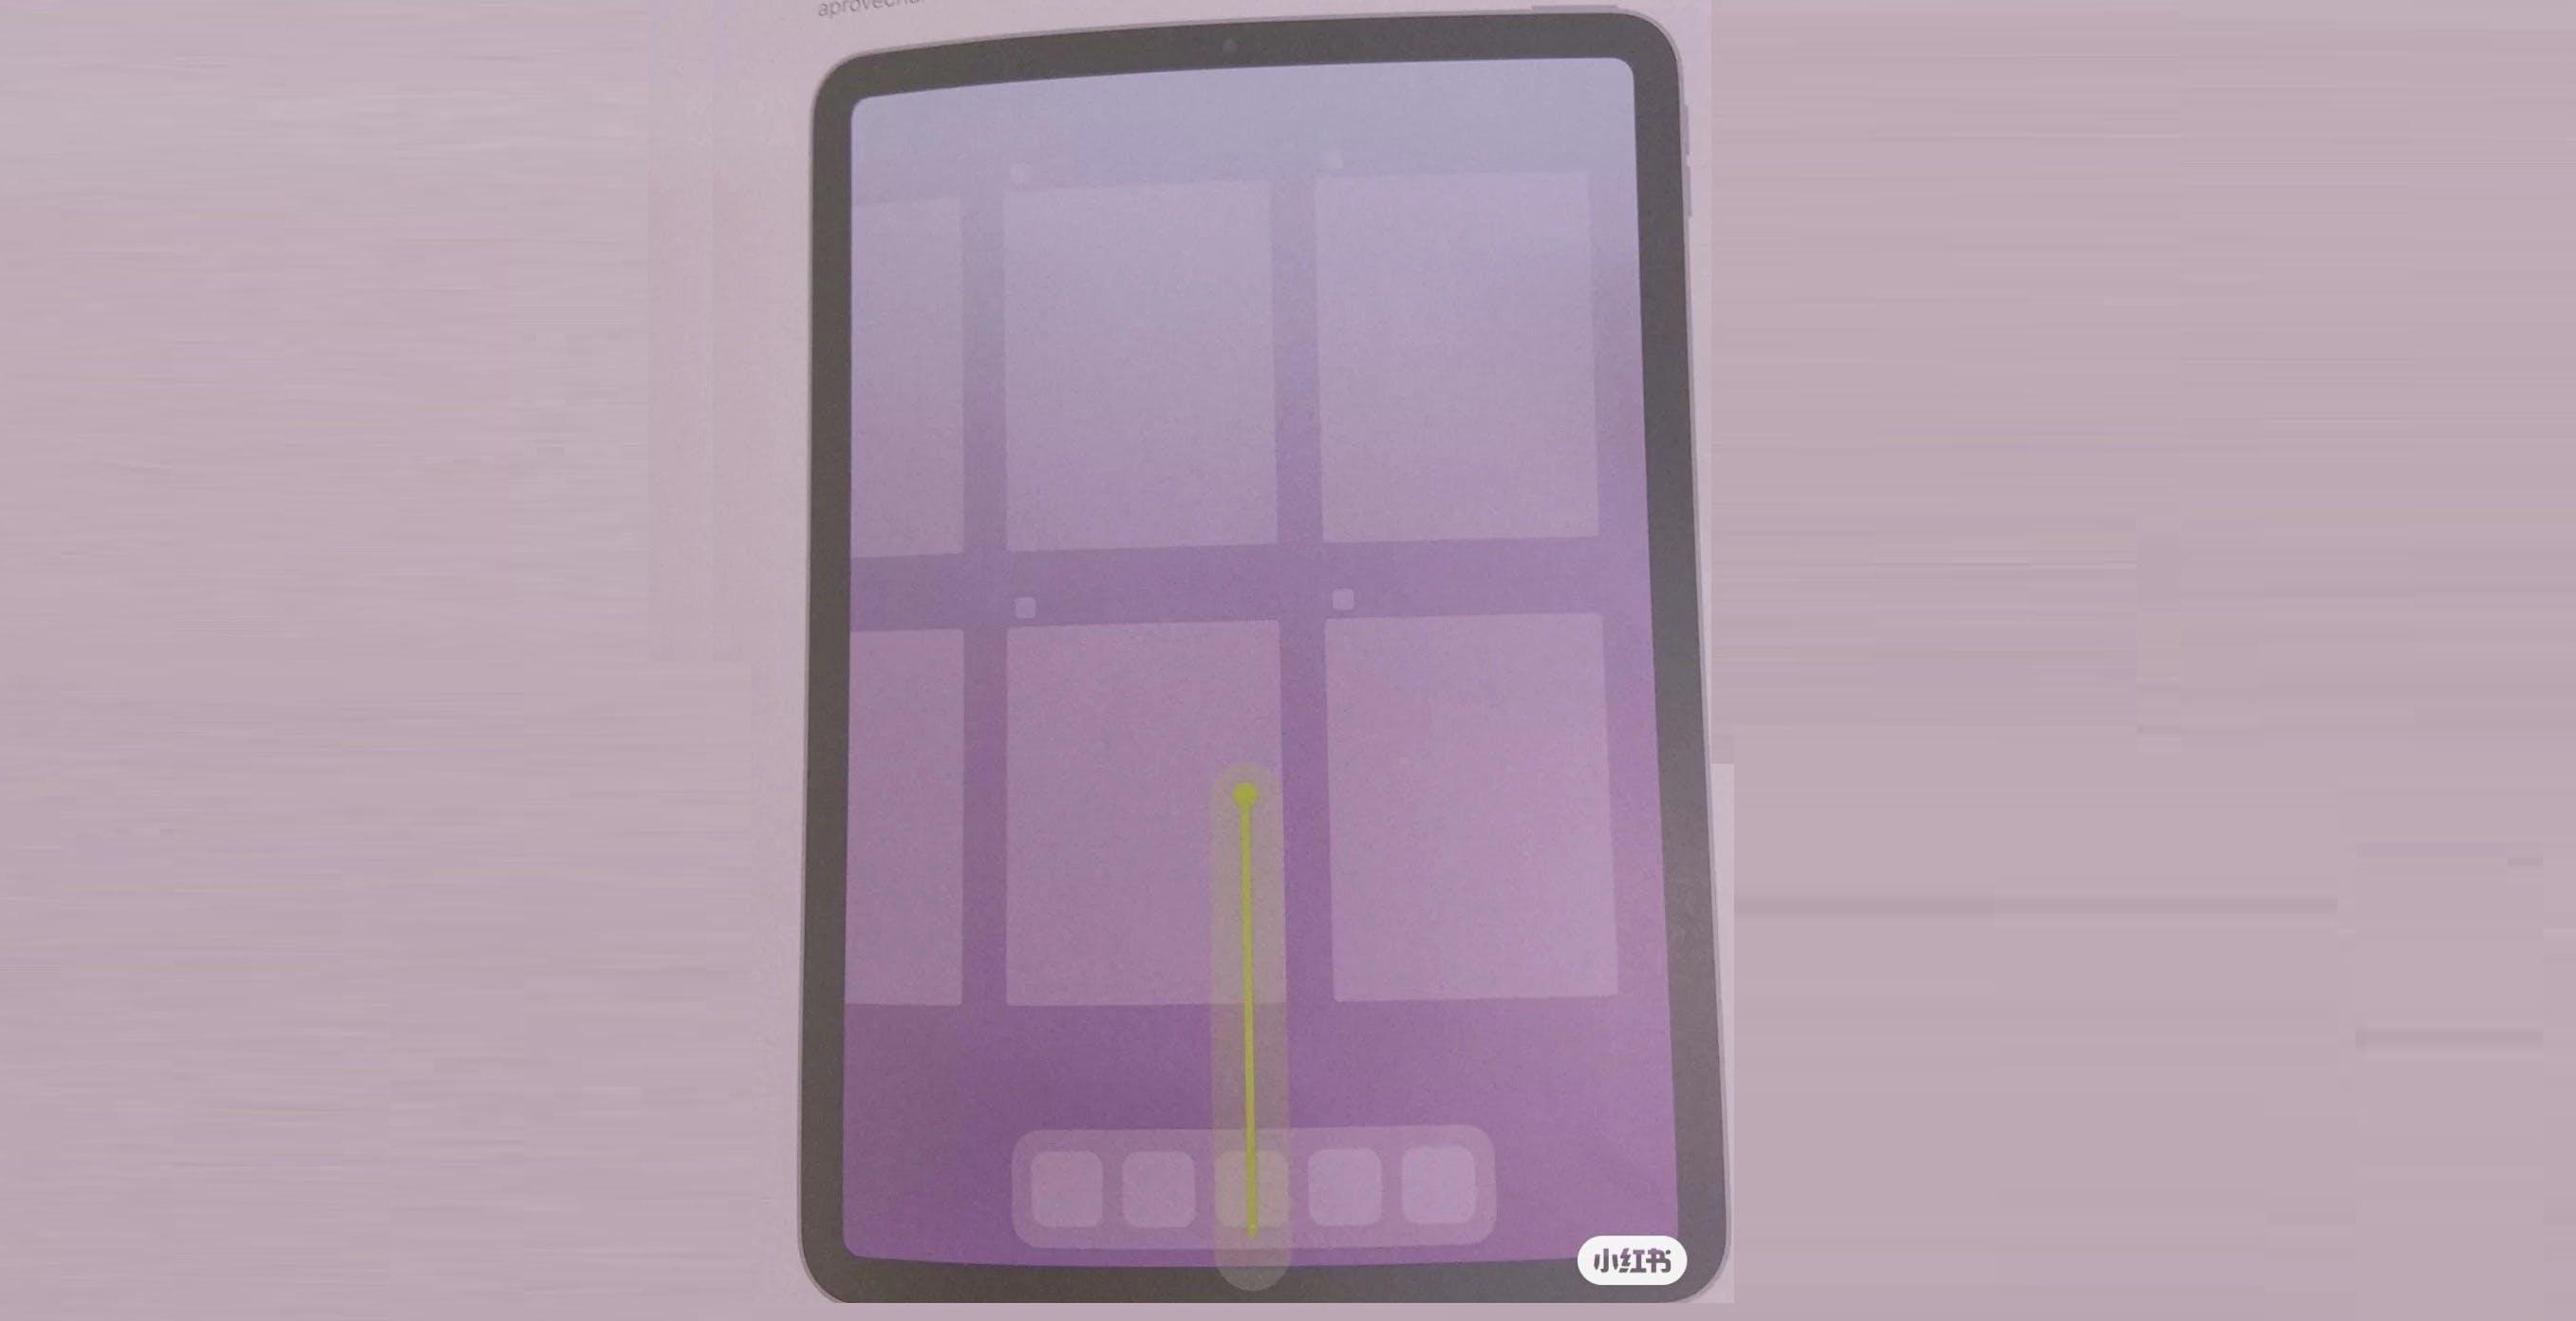 Nuovo iPad Air, le prime immagini: TouchID sul tasto di accensione, USB Type-C e cornici sottilissime